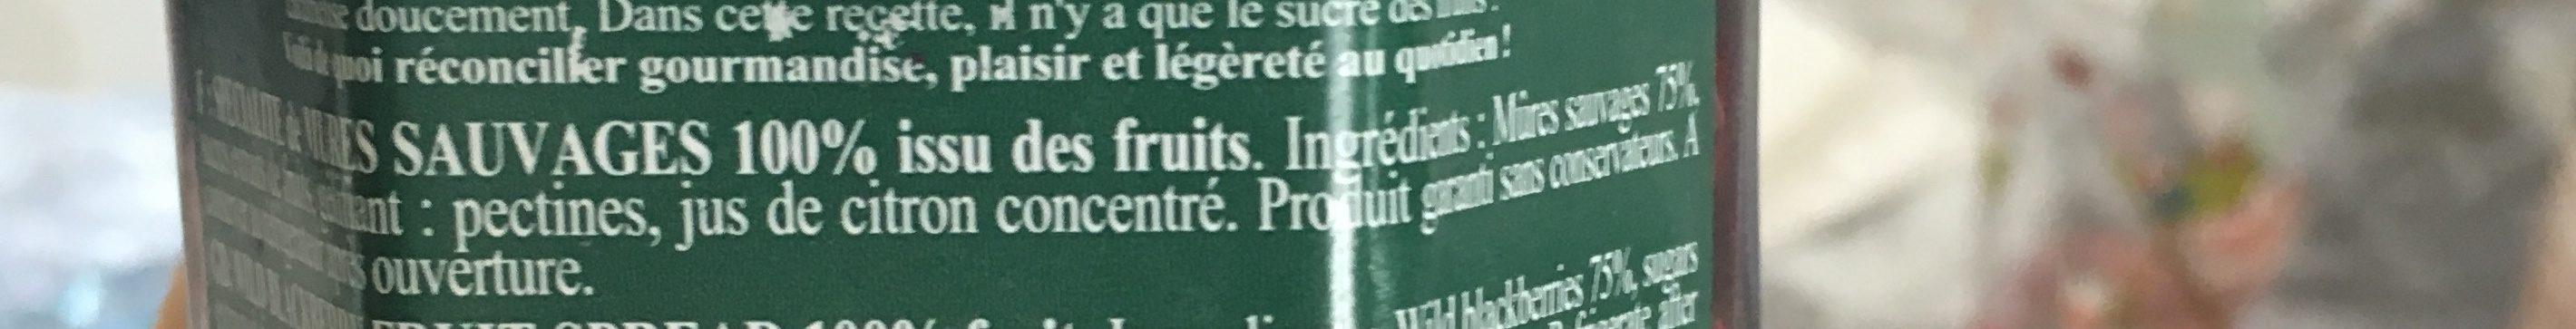 Myrtilles sauvages Cuit au chaudron - Ingredients - fr